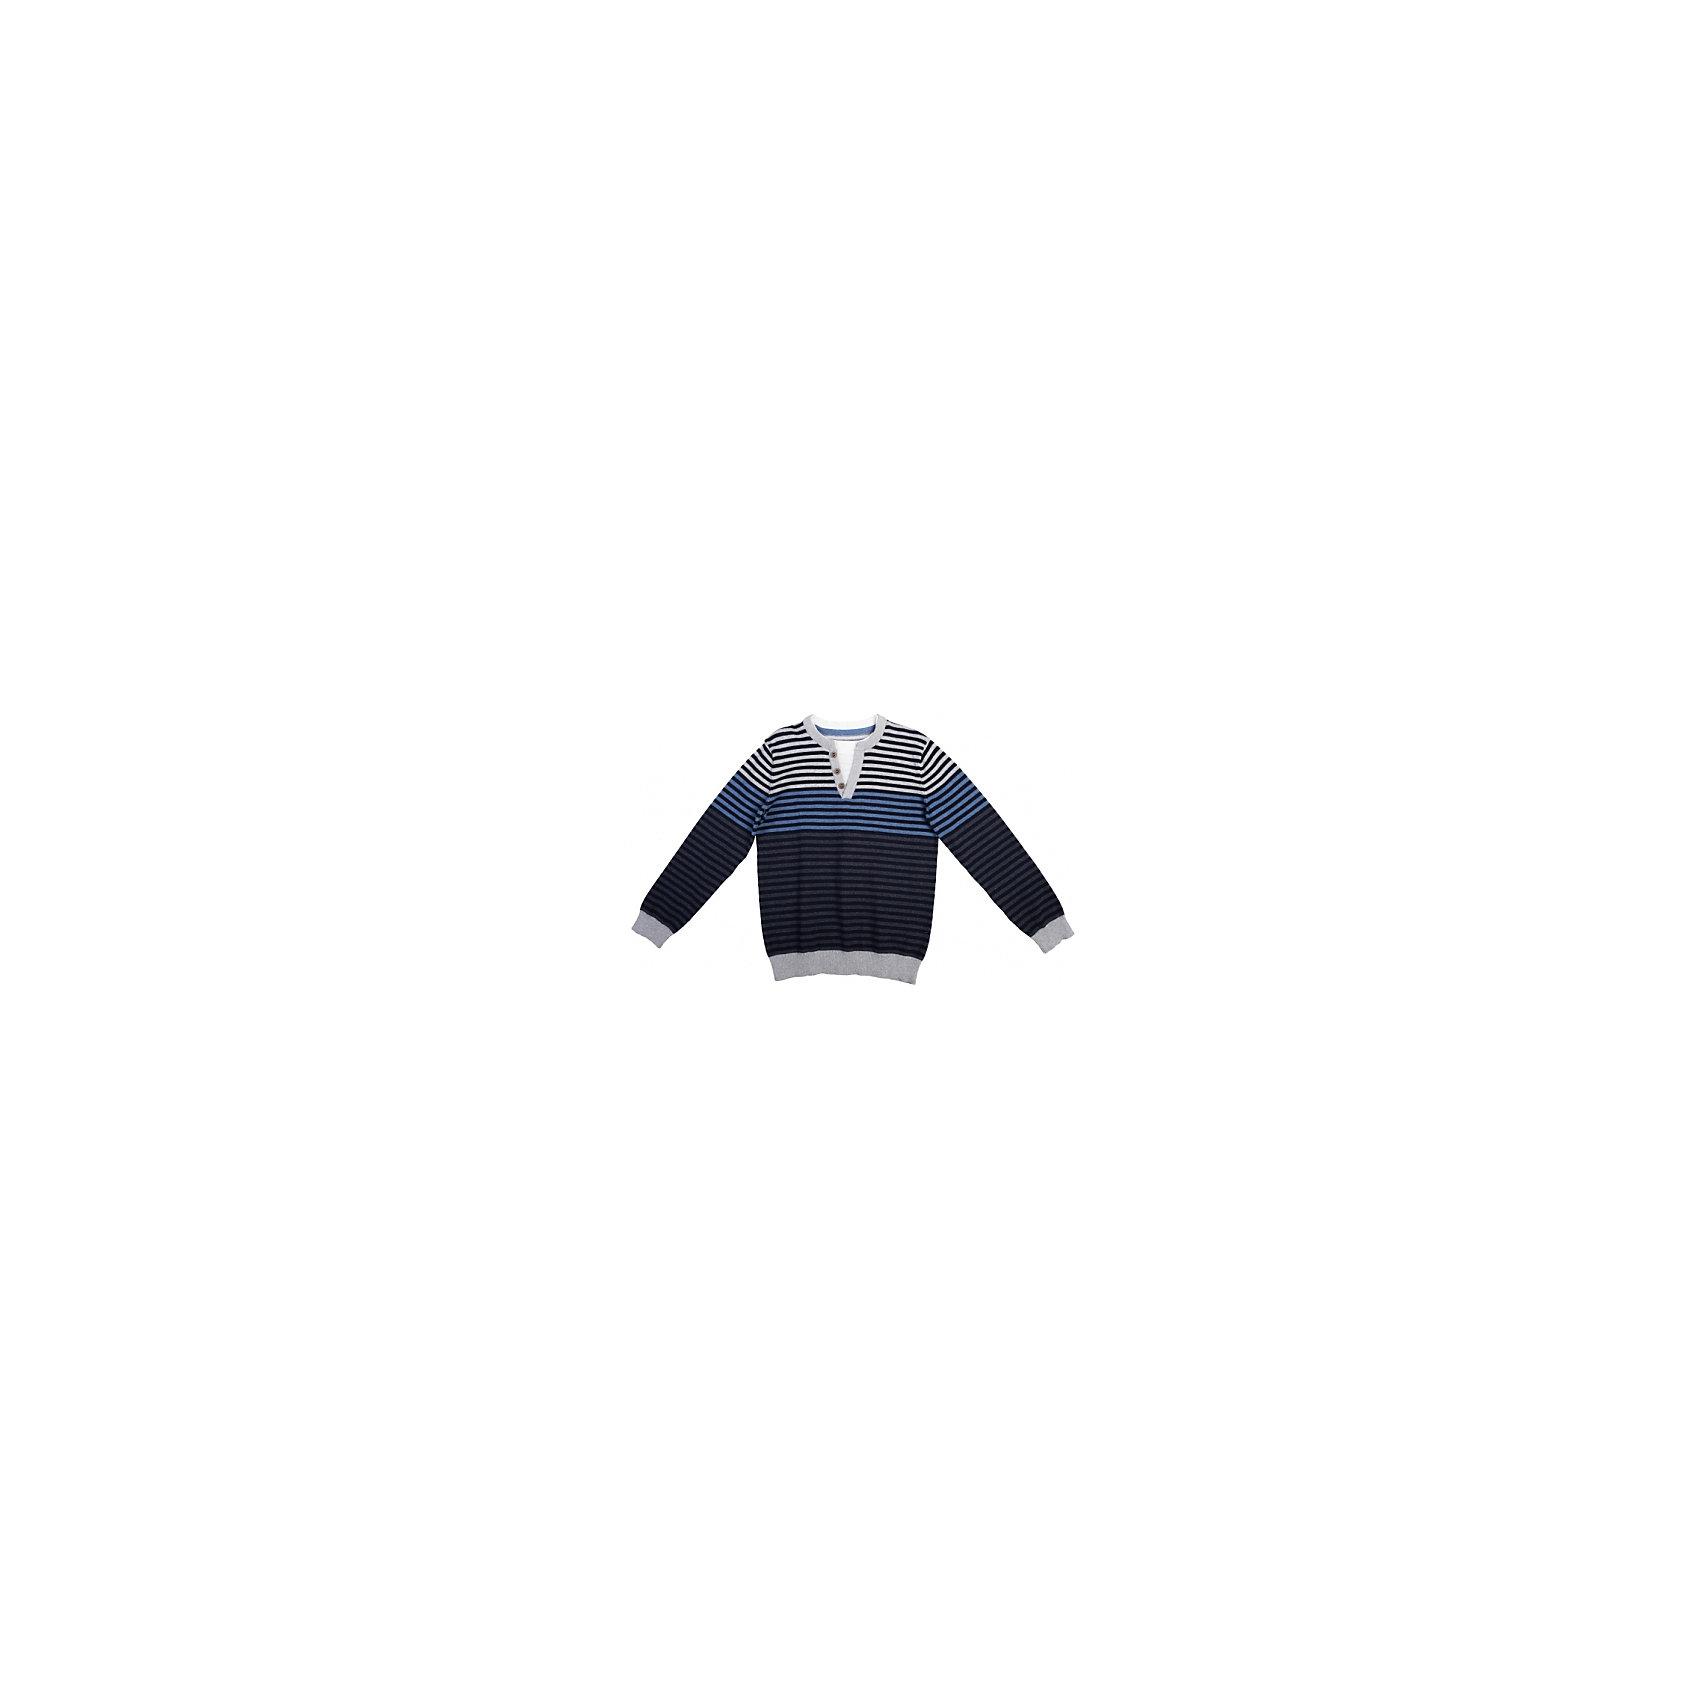 Джемпер для мальчика ScoolДжемпер для мальчика из коллекции «Скорость» от известного бренда Scool. Стильный и удобный хлопковый джемпер на каждый день. Приятный переход цветов полосок и имитация футболки под застежкой придут по вкусу вашему чемпиону. Джемпер отлично подойдет как к брюкам, так и к джинсам.<br><br>Дополнительная информация:<br><br>- Рукав: длинный<br>- Силуэт: прямой<br>Состав: 80% хлопок, 18% нейлон, 2% эластан<br><br>Джемпер для мальчиков Scool можно купить в нашем интернет-магазине.<br><br>Подробнее:<br>• Для детей в возрасте: от 9 до 13 лет<br>• Номер товара: 4911402<br><br>Ширина мм: 190<br>Глубина мм: 74<br>Высота мм: 229<br>Вес г: 236<br>Цвет: разноцветный<br>Возраст от месяцев: 132<br>Возраст до месяцев: 144<br>Пол: Мужской<br>Возраст: Детский<br>Размер: 152,164,146,140,158,134<br>SKU: 4911408